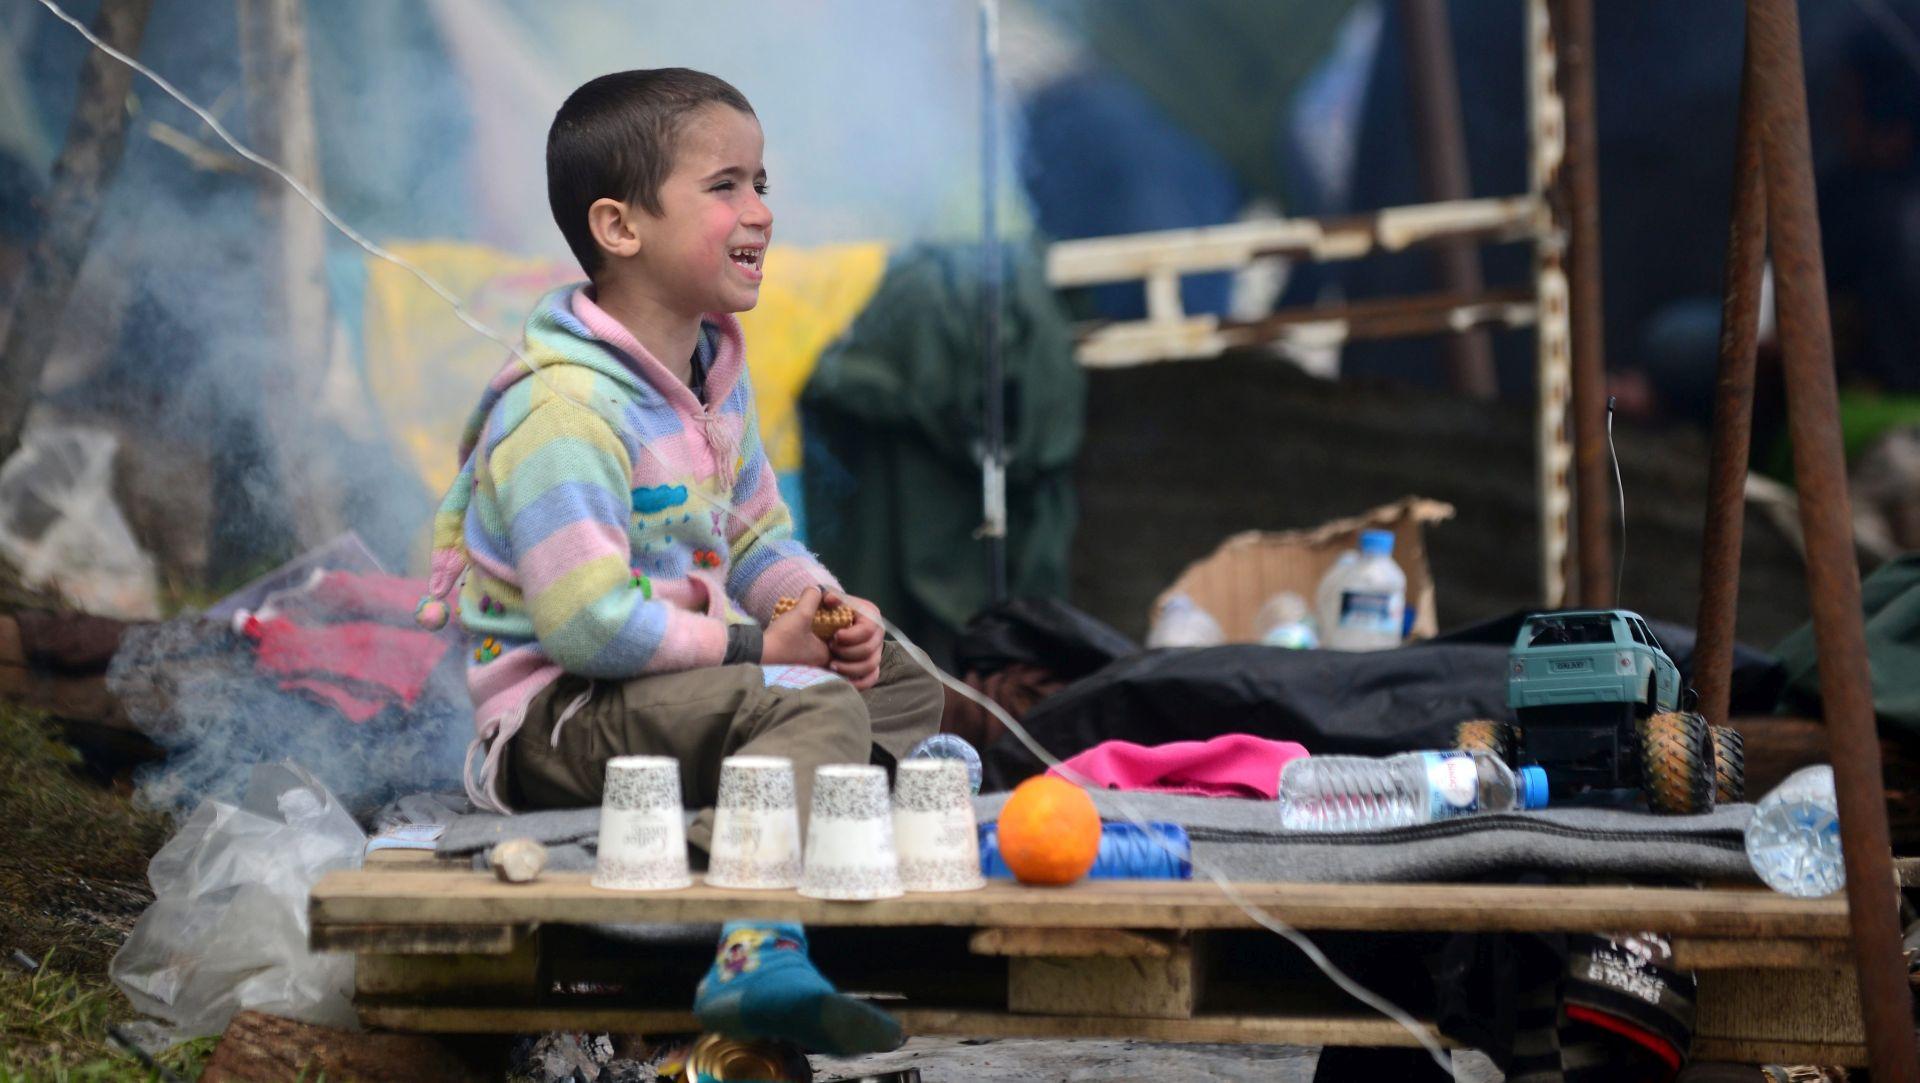 NOVI PRIJEDLOG: Belgija želi da migranti potpišu obvezu o integraciji